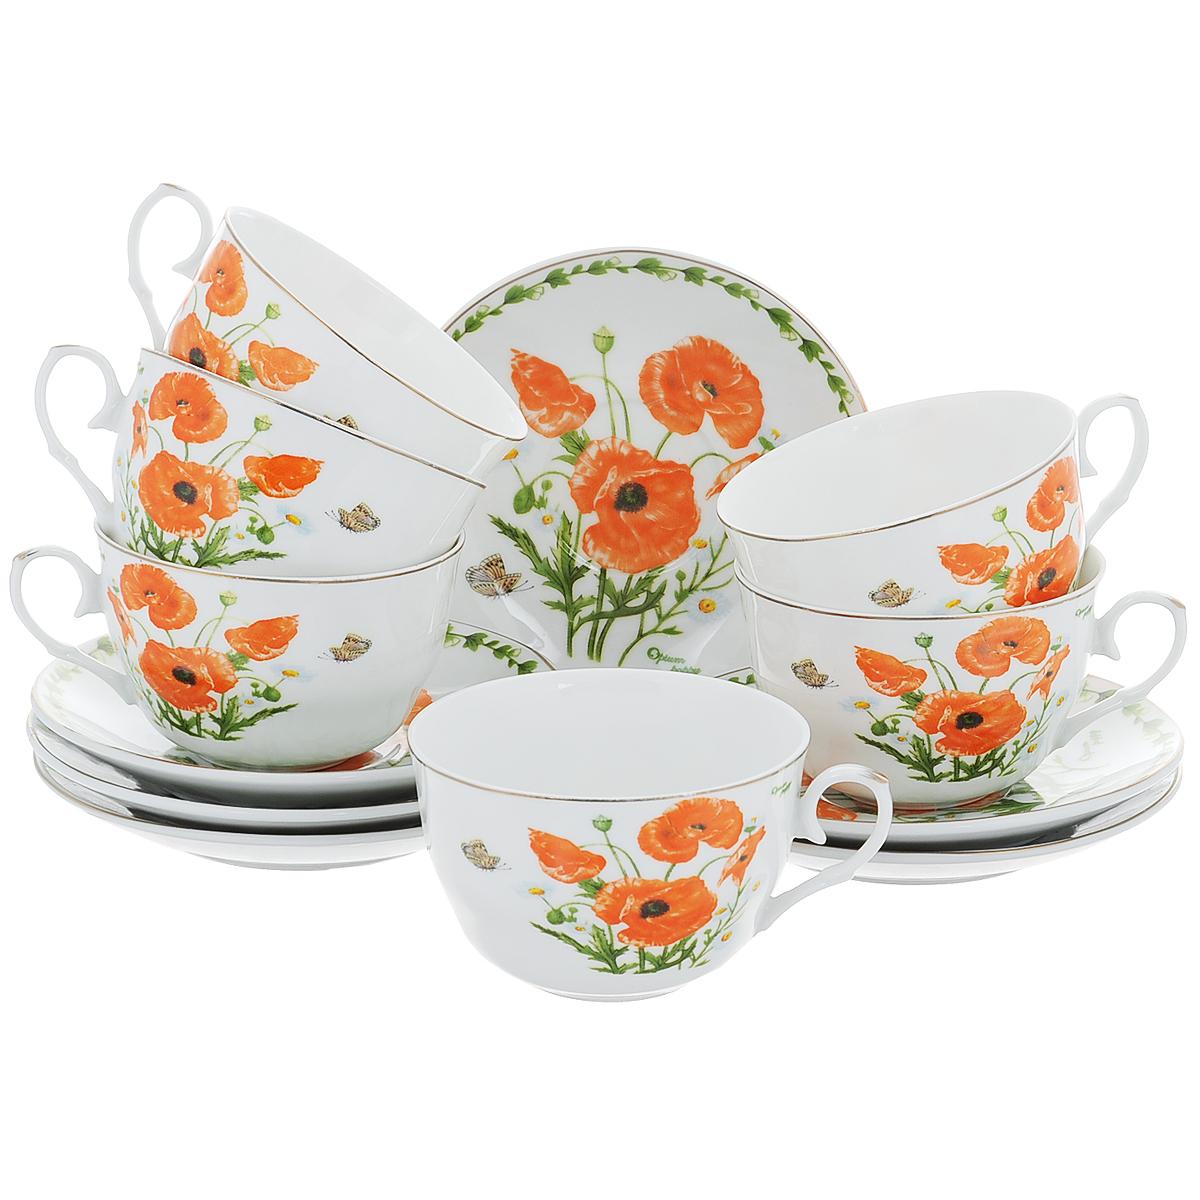 Набор чайный Briswild Маки на поляне, 12 предметов. 543-262543-262Чайный набор Briswild Маки на поляне состоит из шести чашек и шести блюдец. Изделия выполнены из высококачественного фарфора и оформлены красочным цветочным рисунком.Изящный набор красиво оформит стол к чаепитию и станет приятным подарком к любому случаю.Набор упакован в подарочную коробку, внутренняя поверхность которой задрапирована белой атласной тканью. Не использовать в микроволновой печи. Не применять абразивные моющие средства.